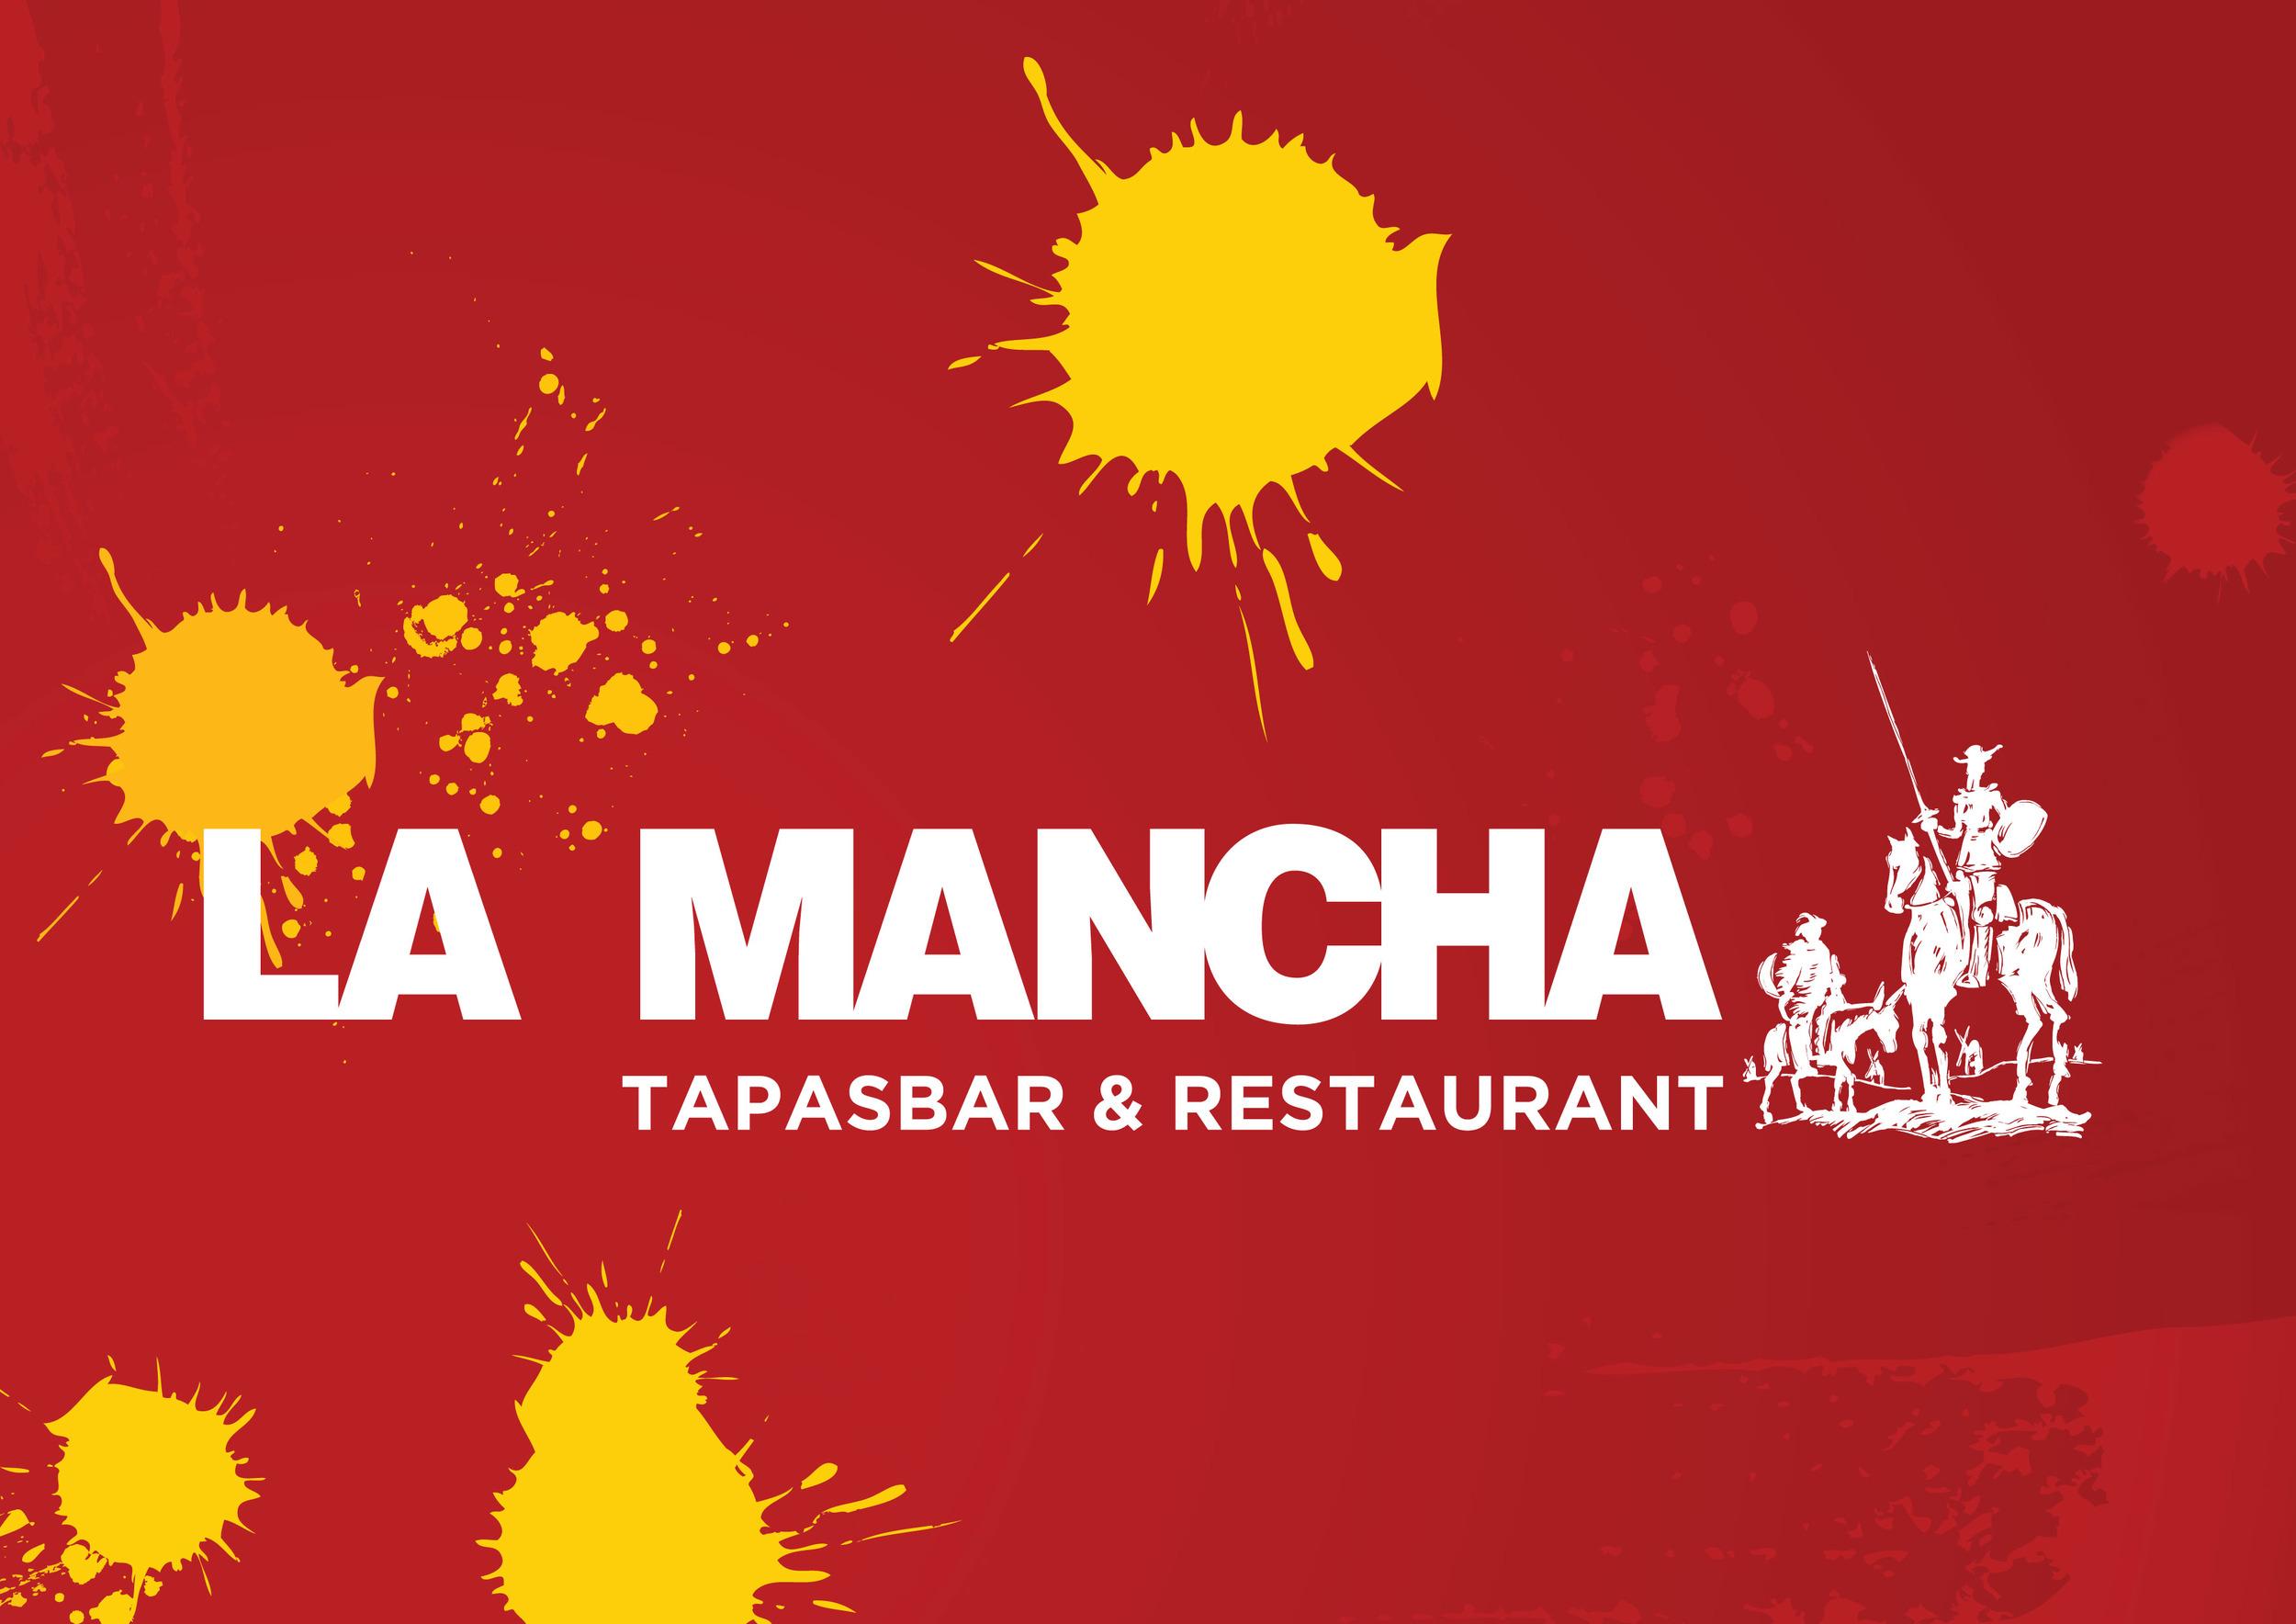 LA MANCHA logo.jpeg